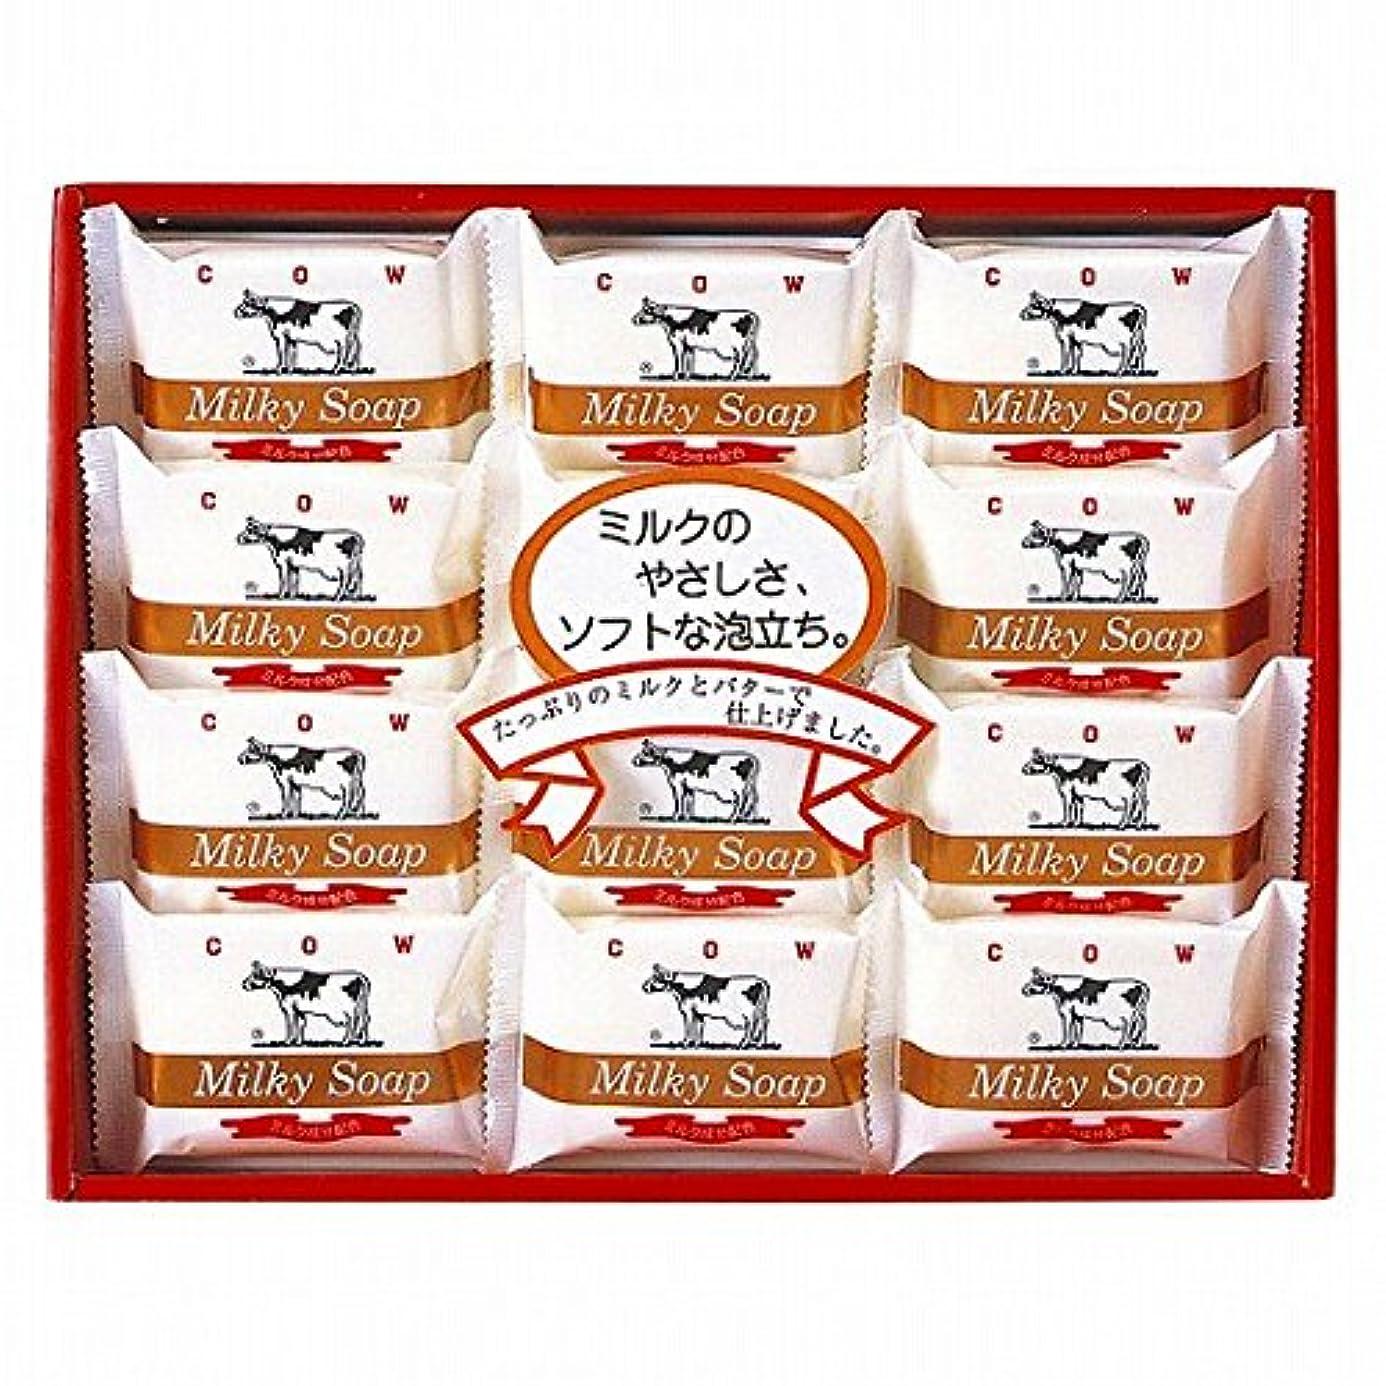 とらえどころのない討論空いているnobrand 牛乳石鹸 ゴールドソープセット (21940005)